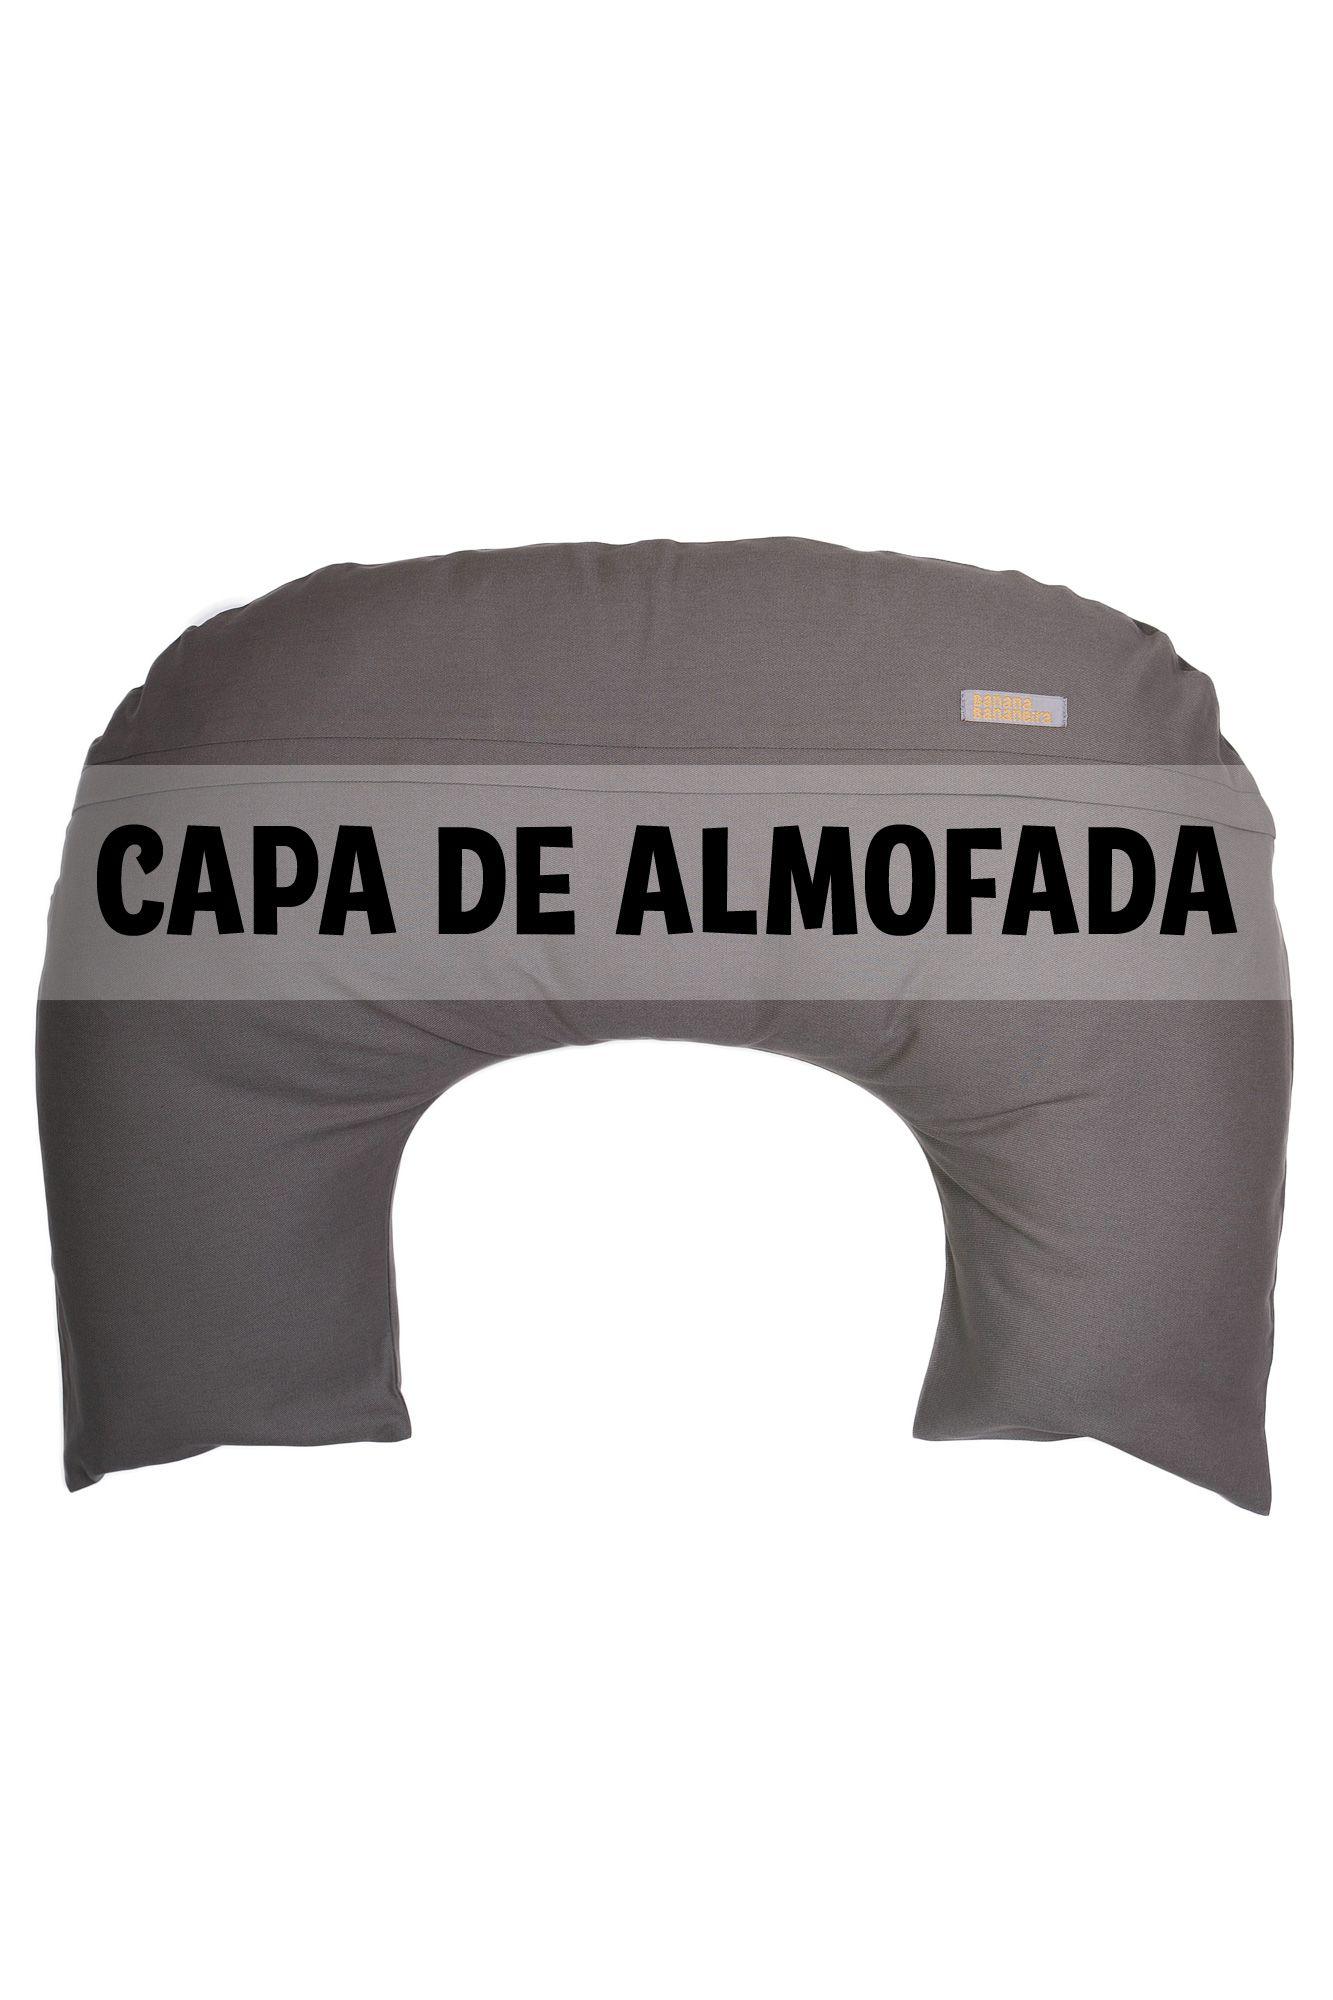 Capa de almofada de amamentação cinza